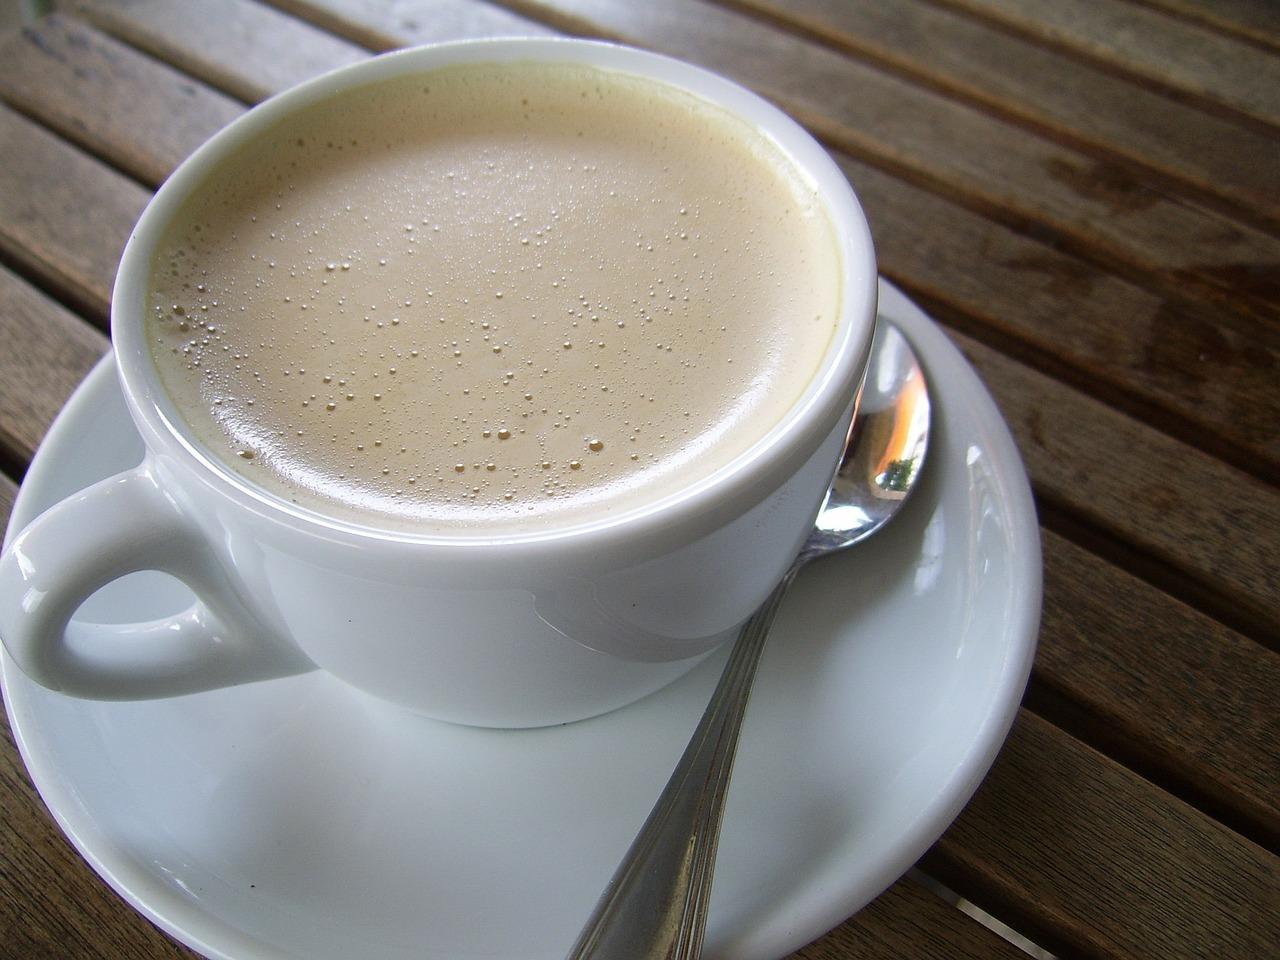 VVD Krimpenerwaard komt met koffie-uurtje